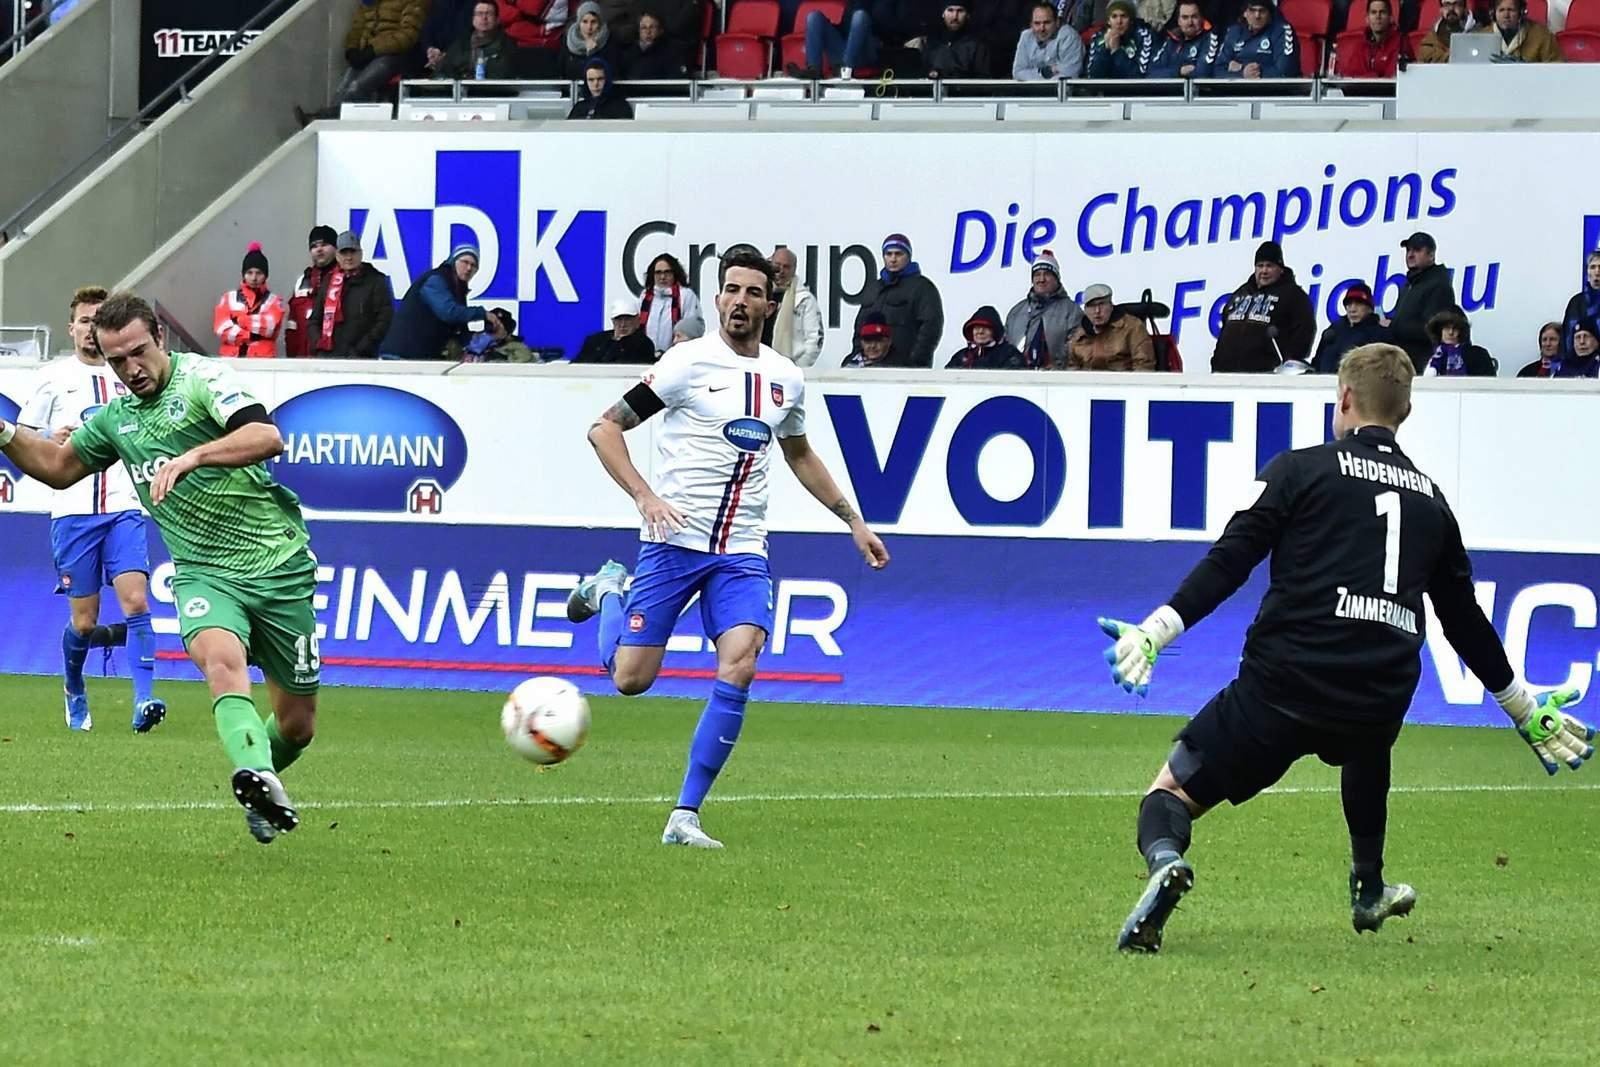 Trifft Berisha wieder gegen Zimmermann? Unser Tipp: Fürth gewinnt gegen Heidenheim